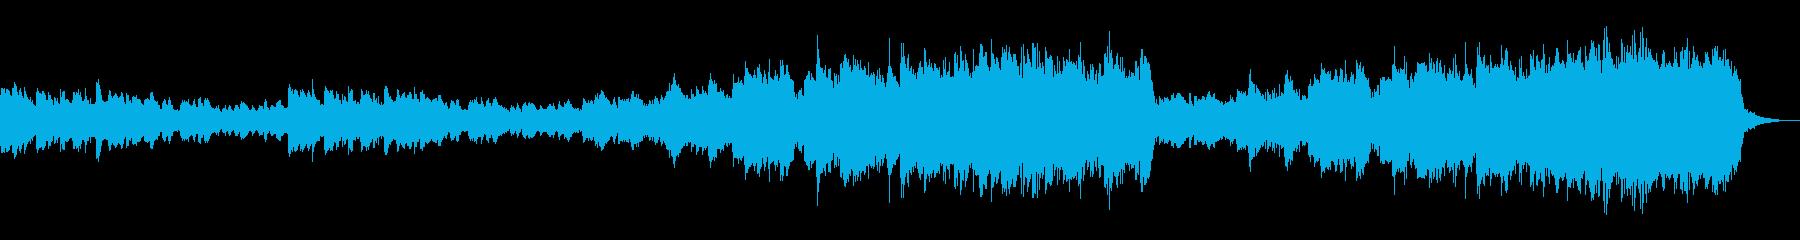 シューマン :子供の情景 Op.15-9の再生済みの波形